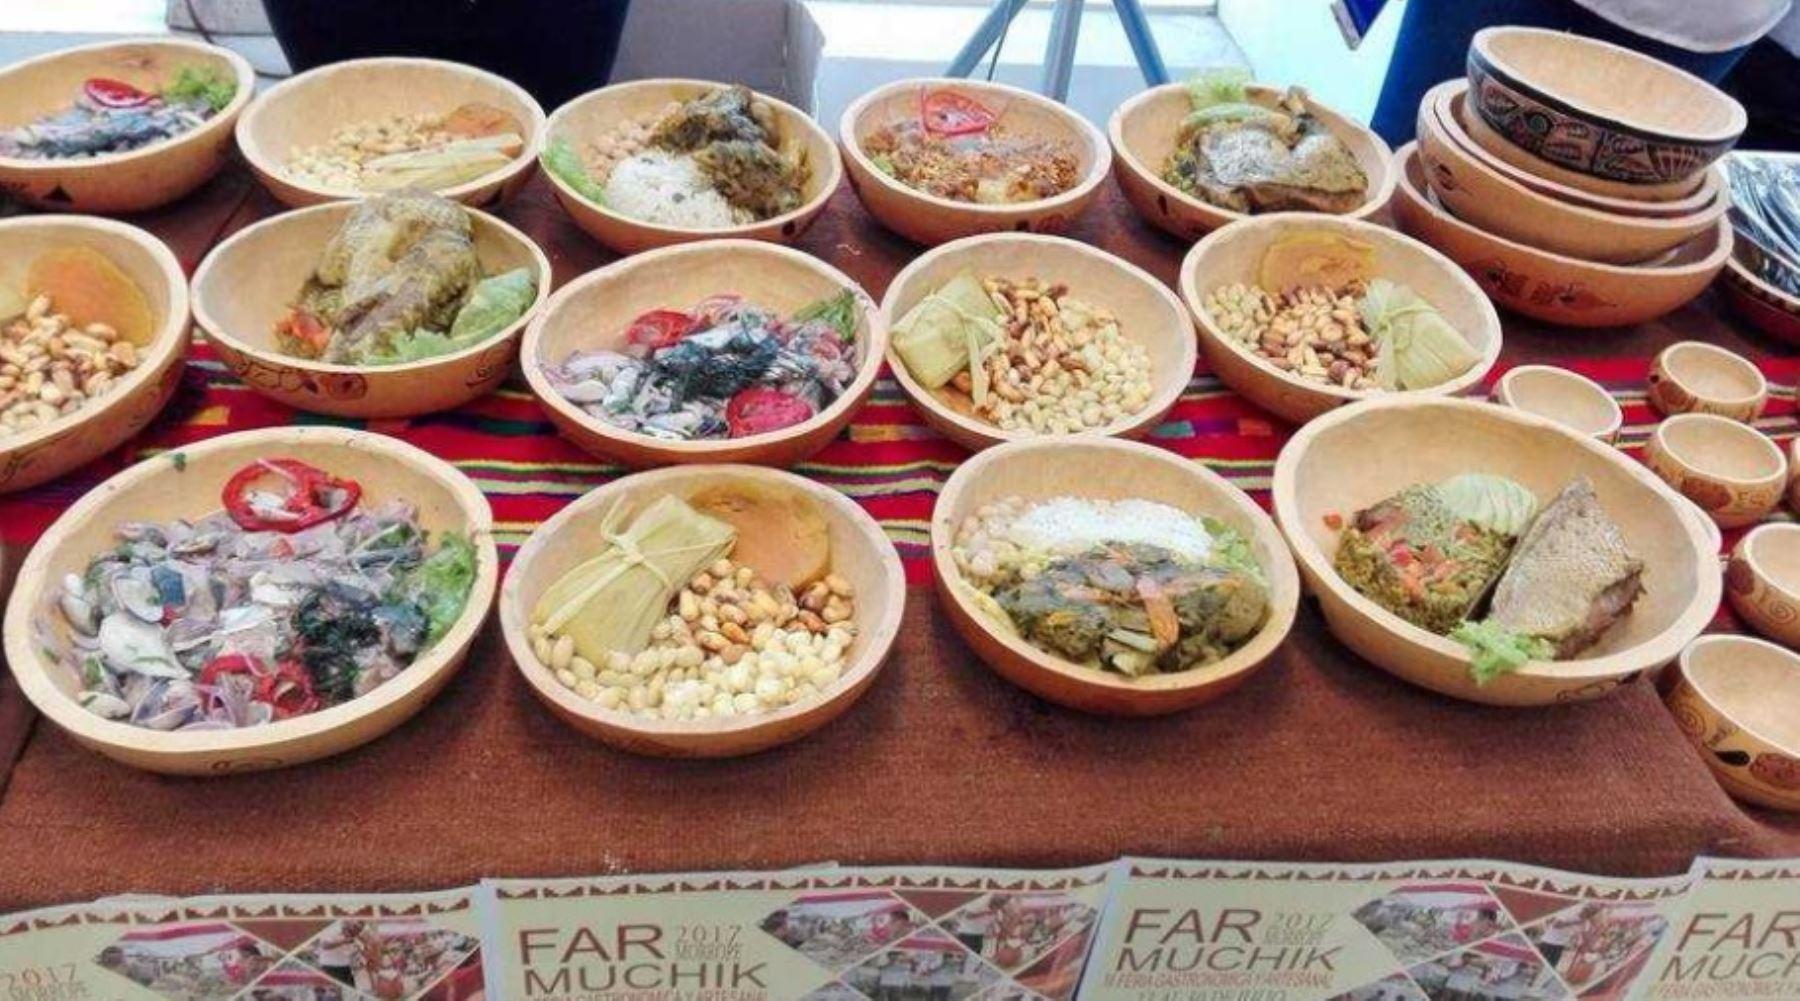 III Feria Gastronómica Artesanal Muchik 2017, en el distrito de Mórrope, a realizarse del 27 al 30 de julio, en Mórrope, Lambayeque.